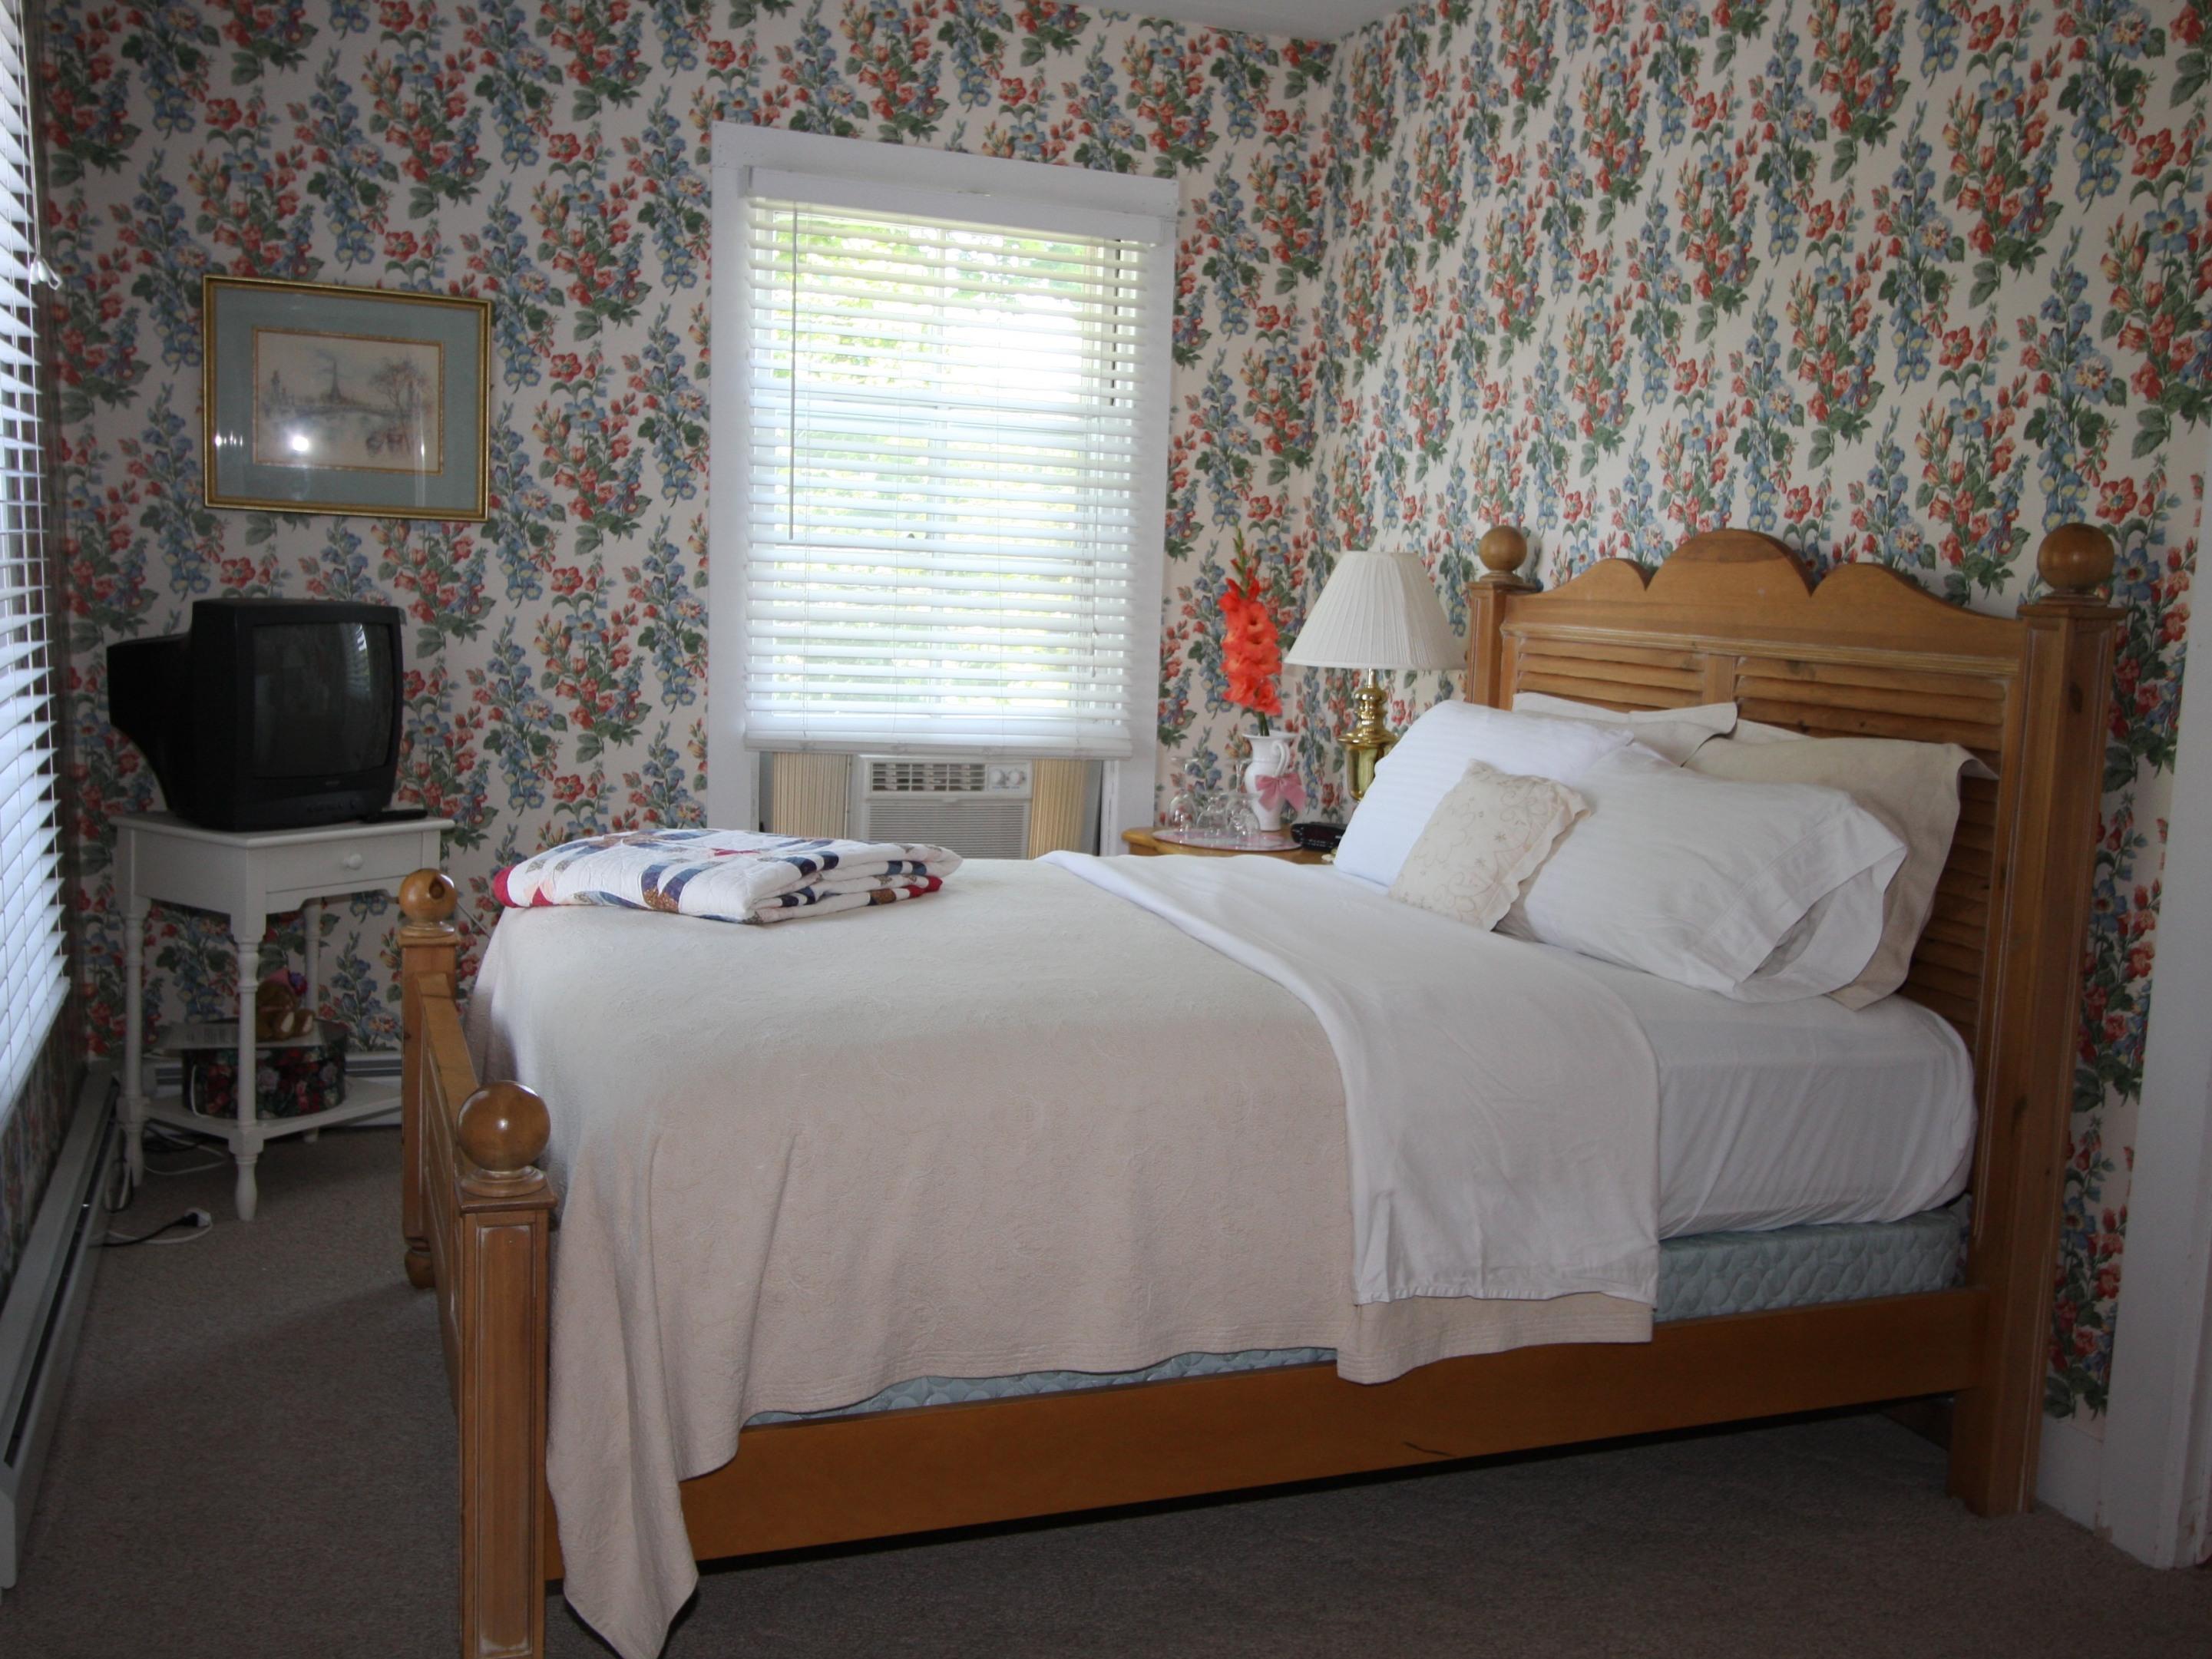 Norway Maple Room